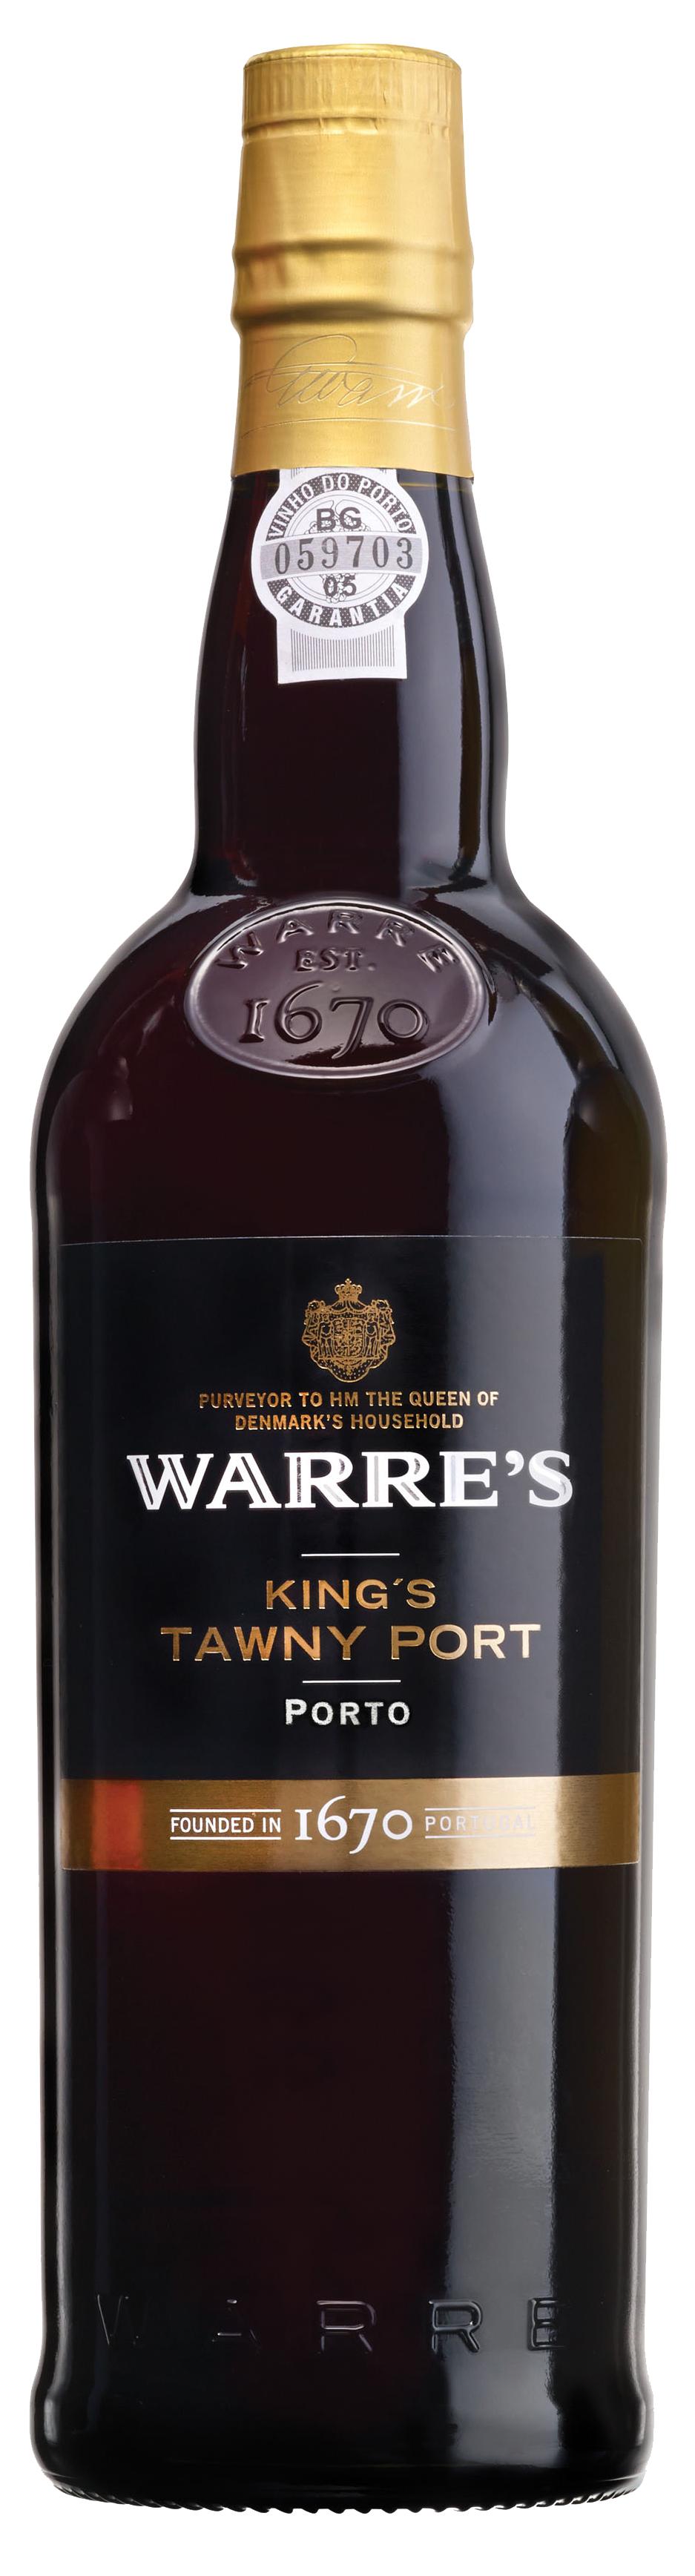 Warre's King's Tawny Port Bottle.jpg